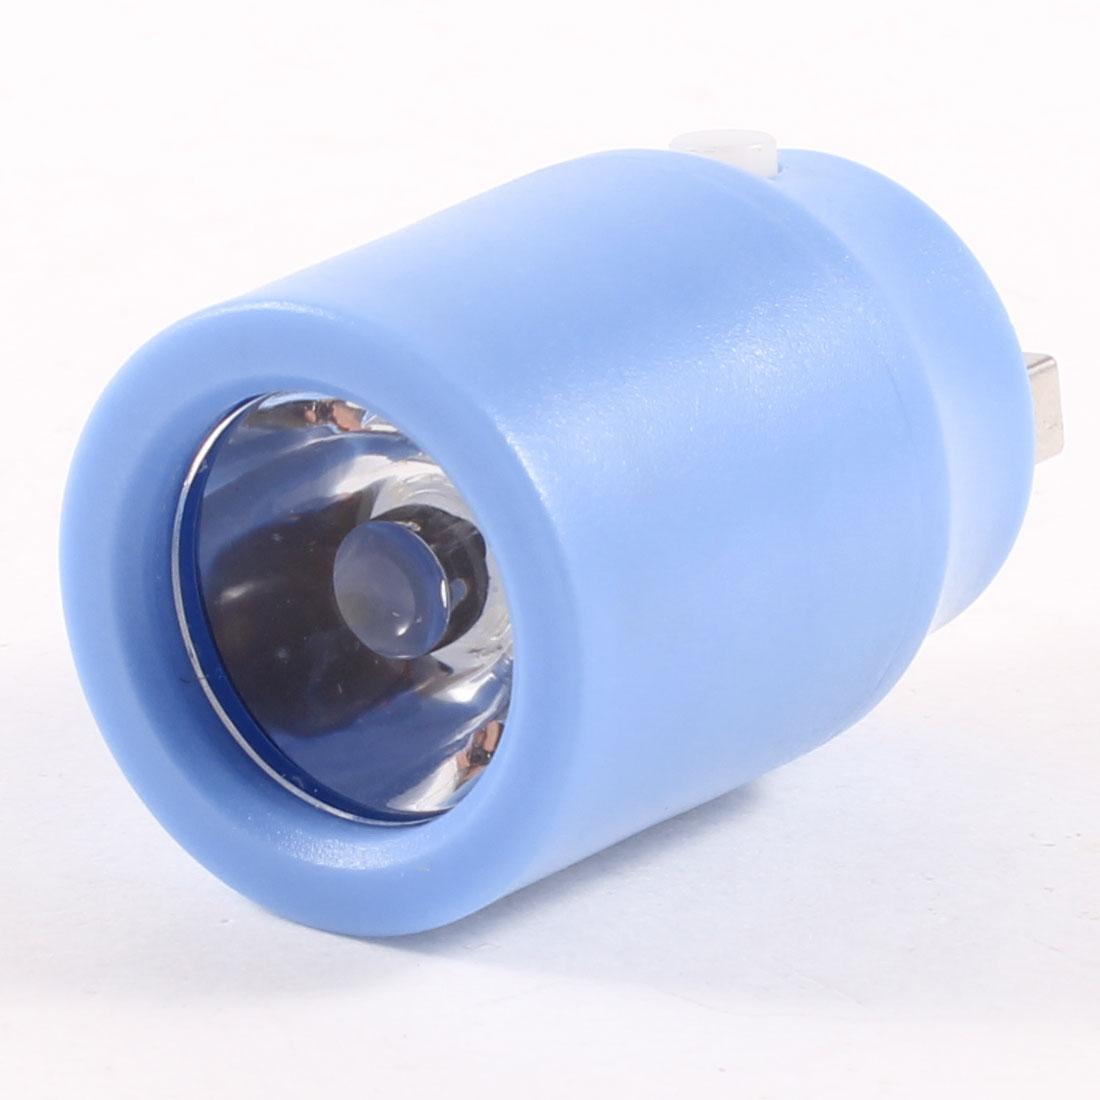 Handy Computer Laptop White Light Plastic USB Port LED Light Lamp Blue